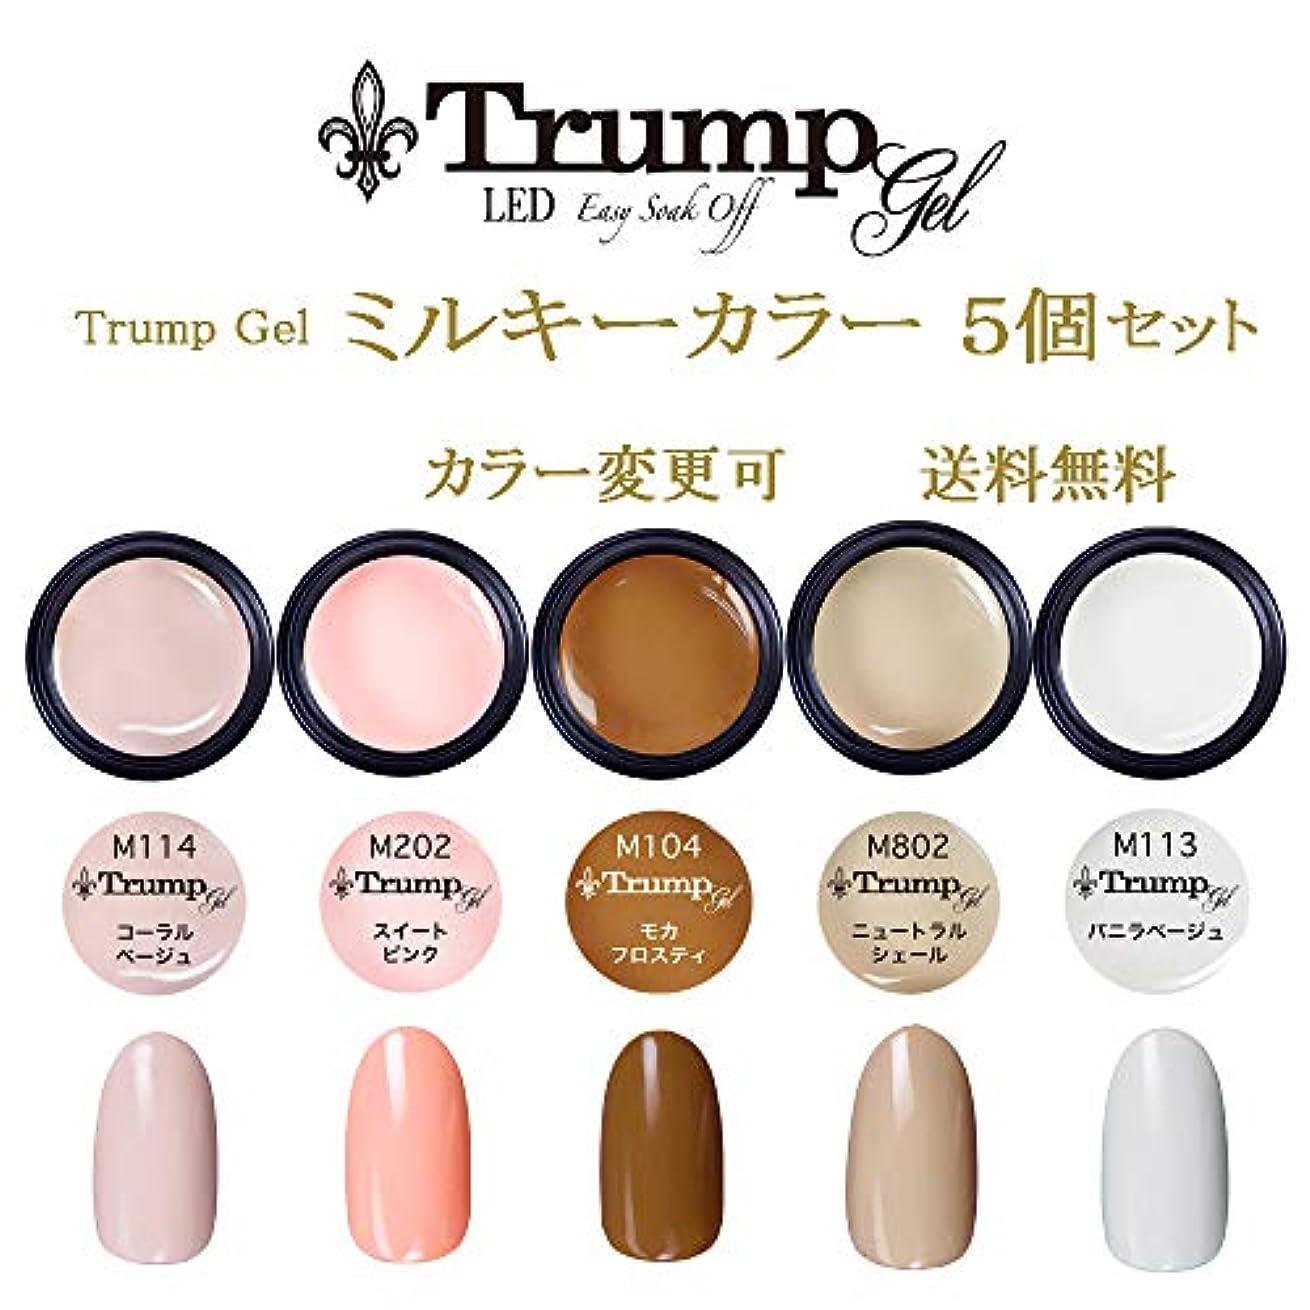 紳士地域災害【送料無料】日本製 Trump gel トランプジェル ミルキーカラー 選べる カラージェル 5個セット ミルキーネイル ベージュ ピンク ミルキー カラー